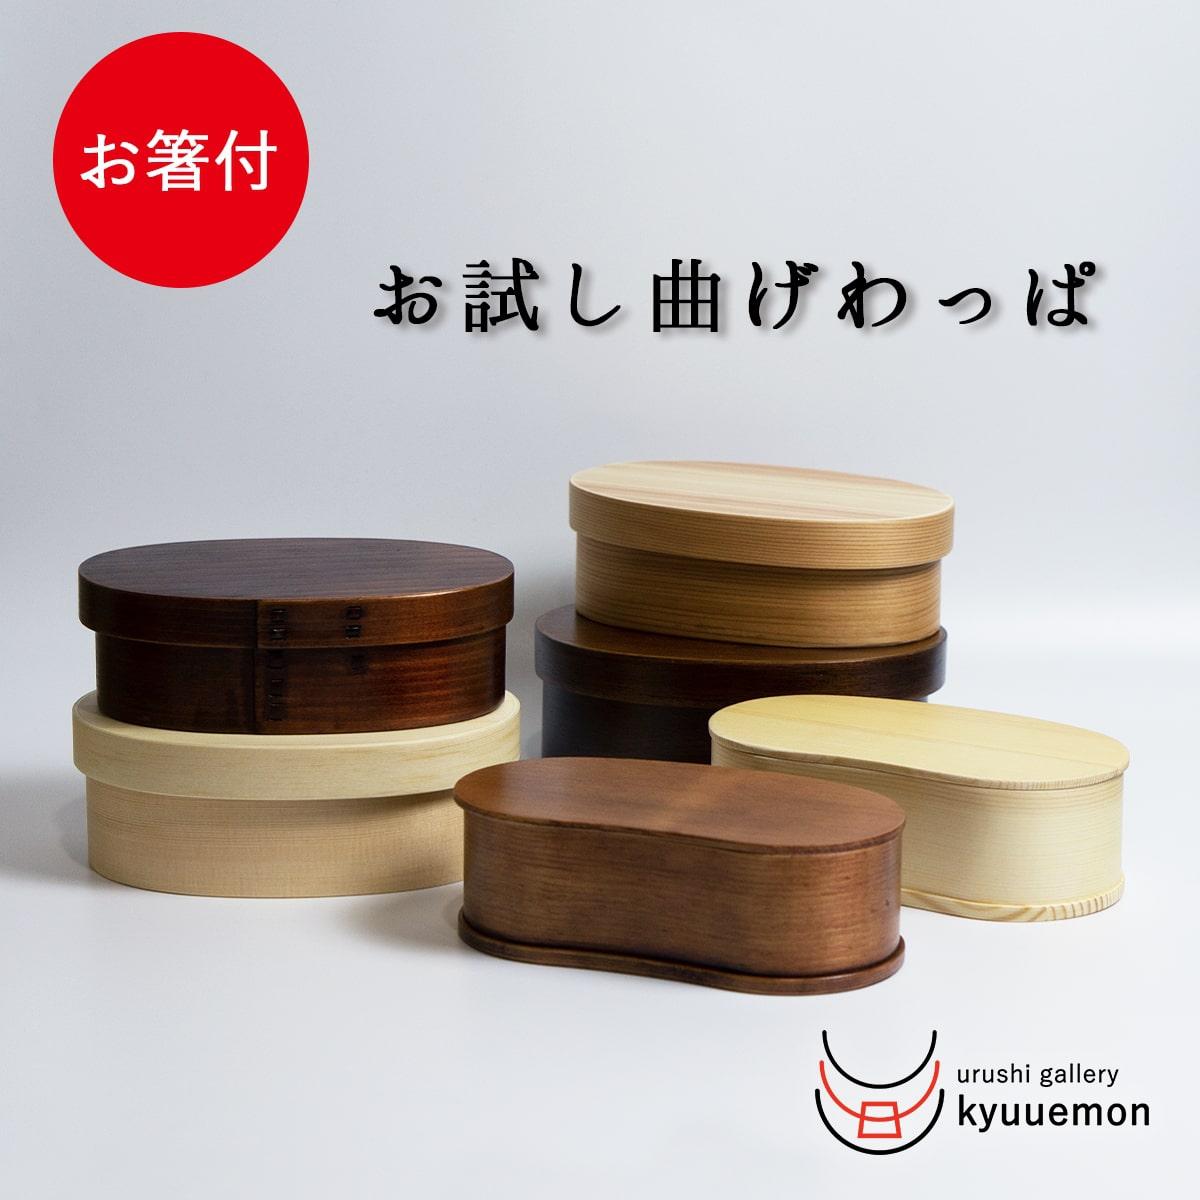 うるしギャラリー久右衛門(urushi gallery kyuuemon) お試し曲げわっぱ 弁当箱 一段 700mlの商品画像